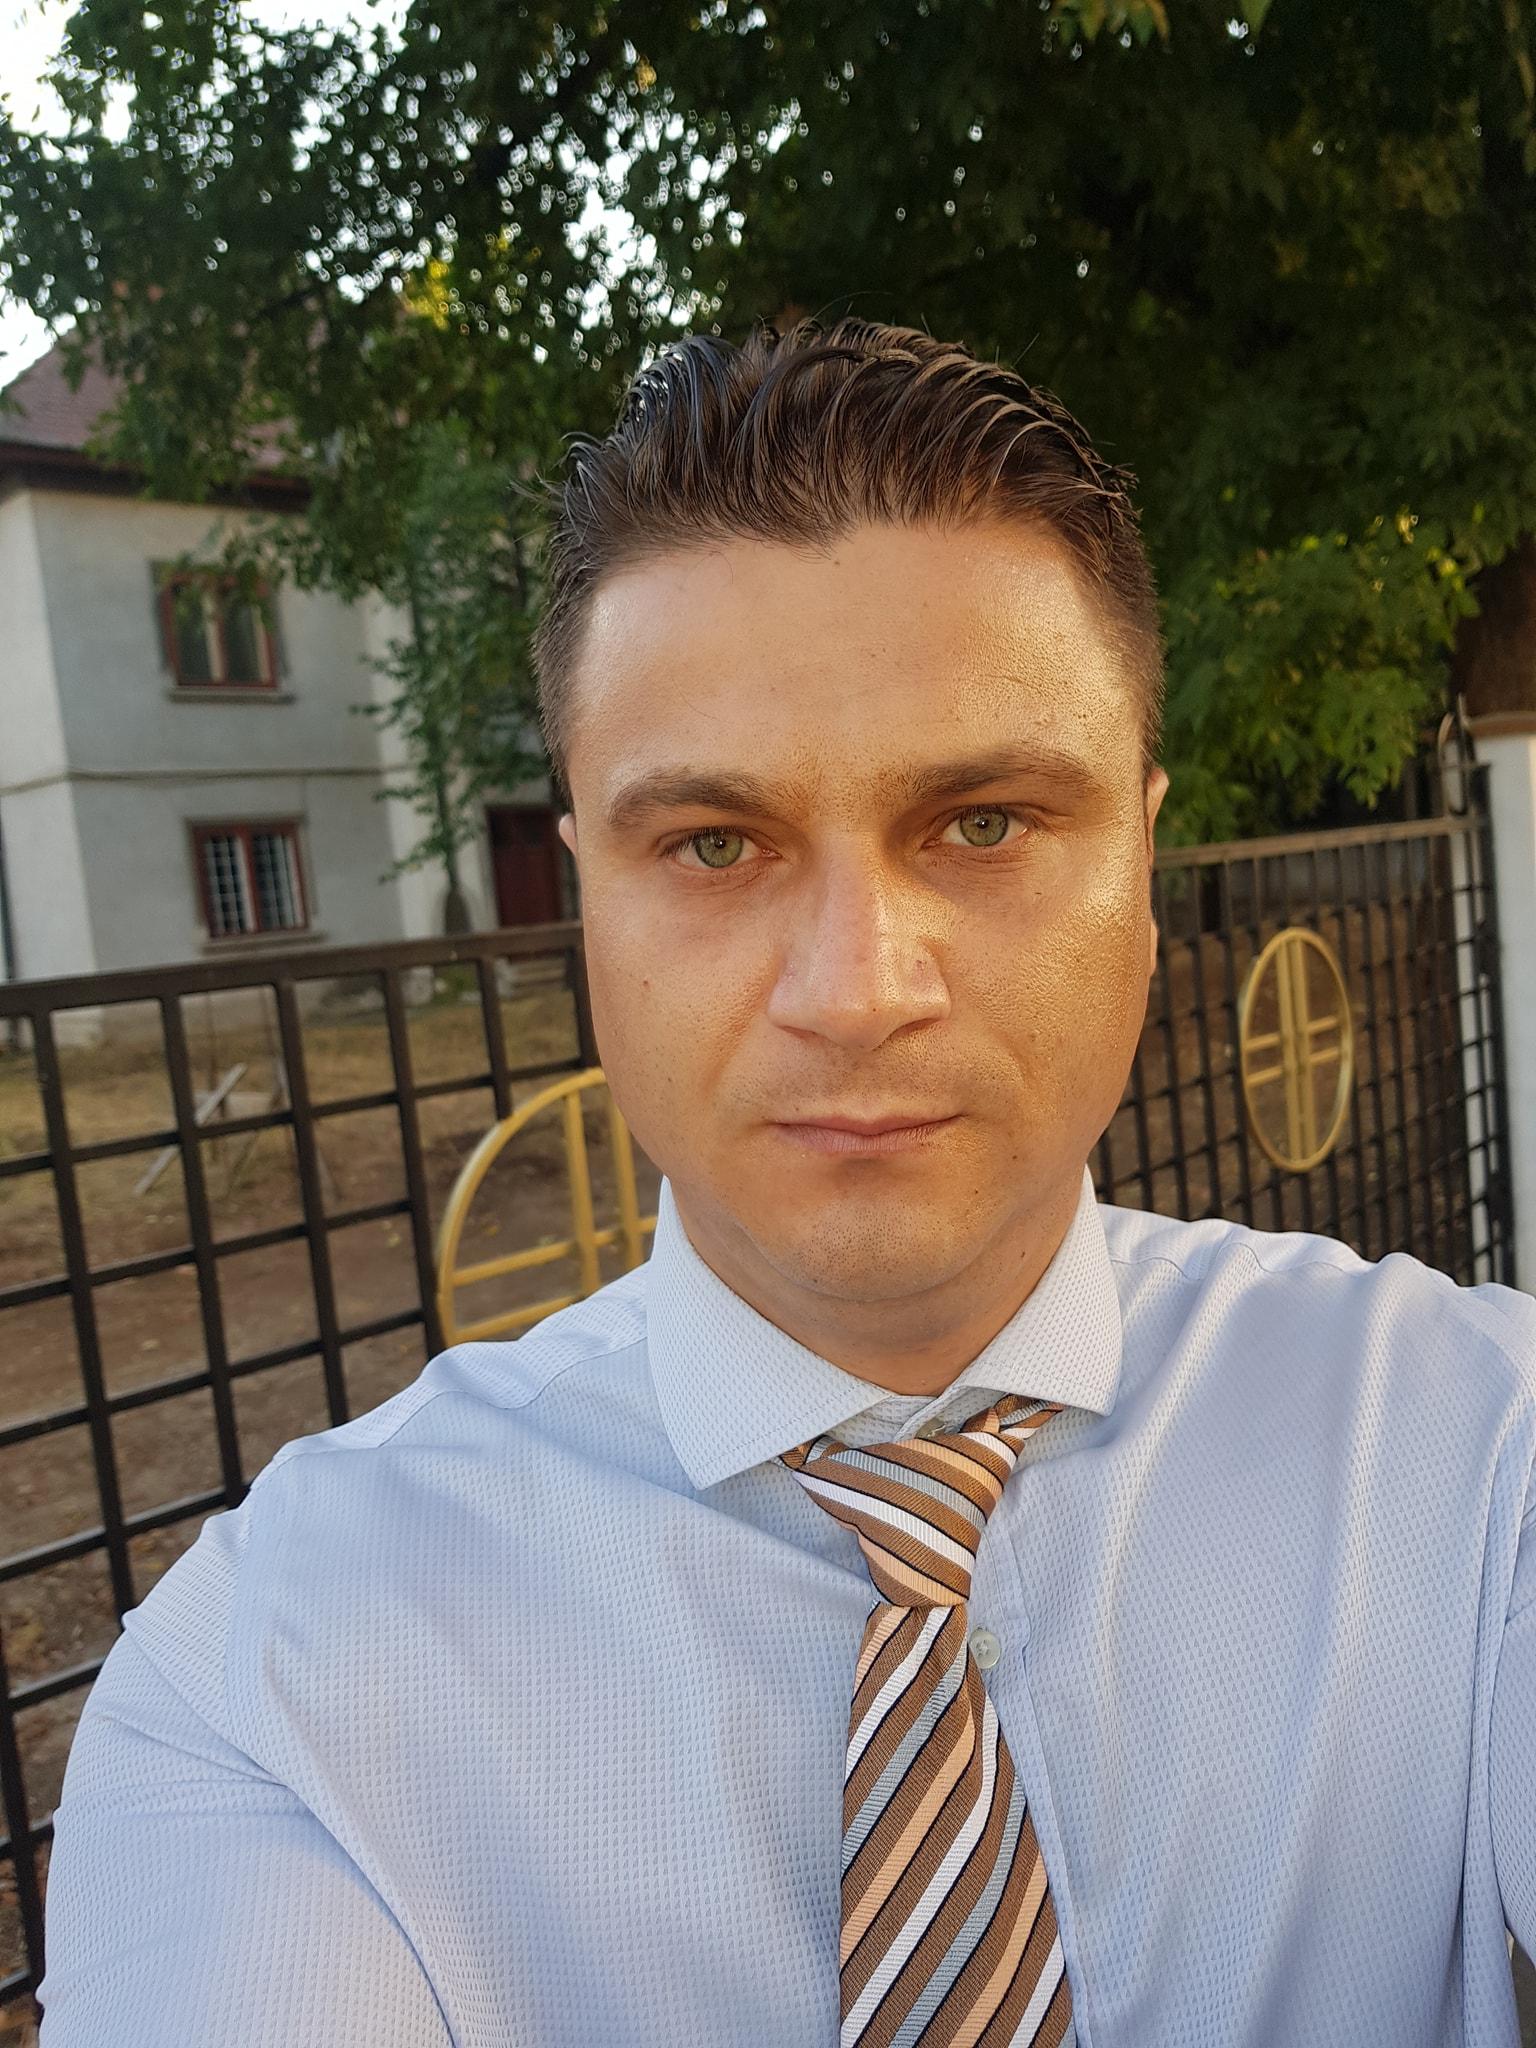 Unde gasesti cel mai bun avocat penal in Bucuresti?